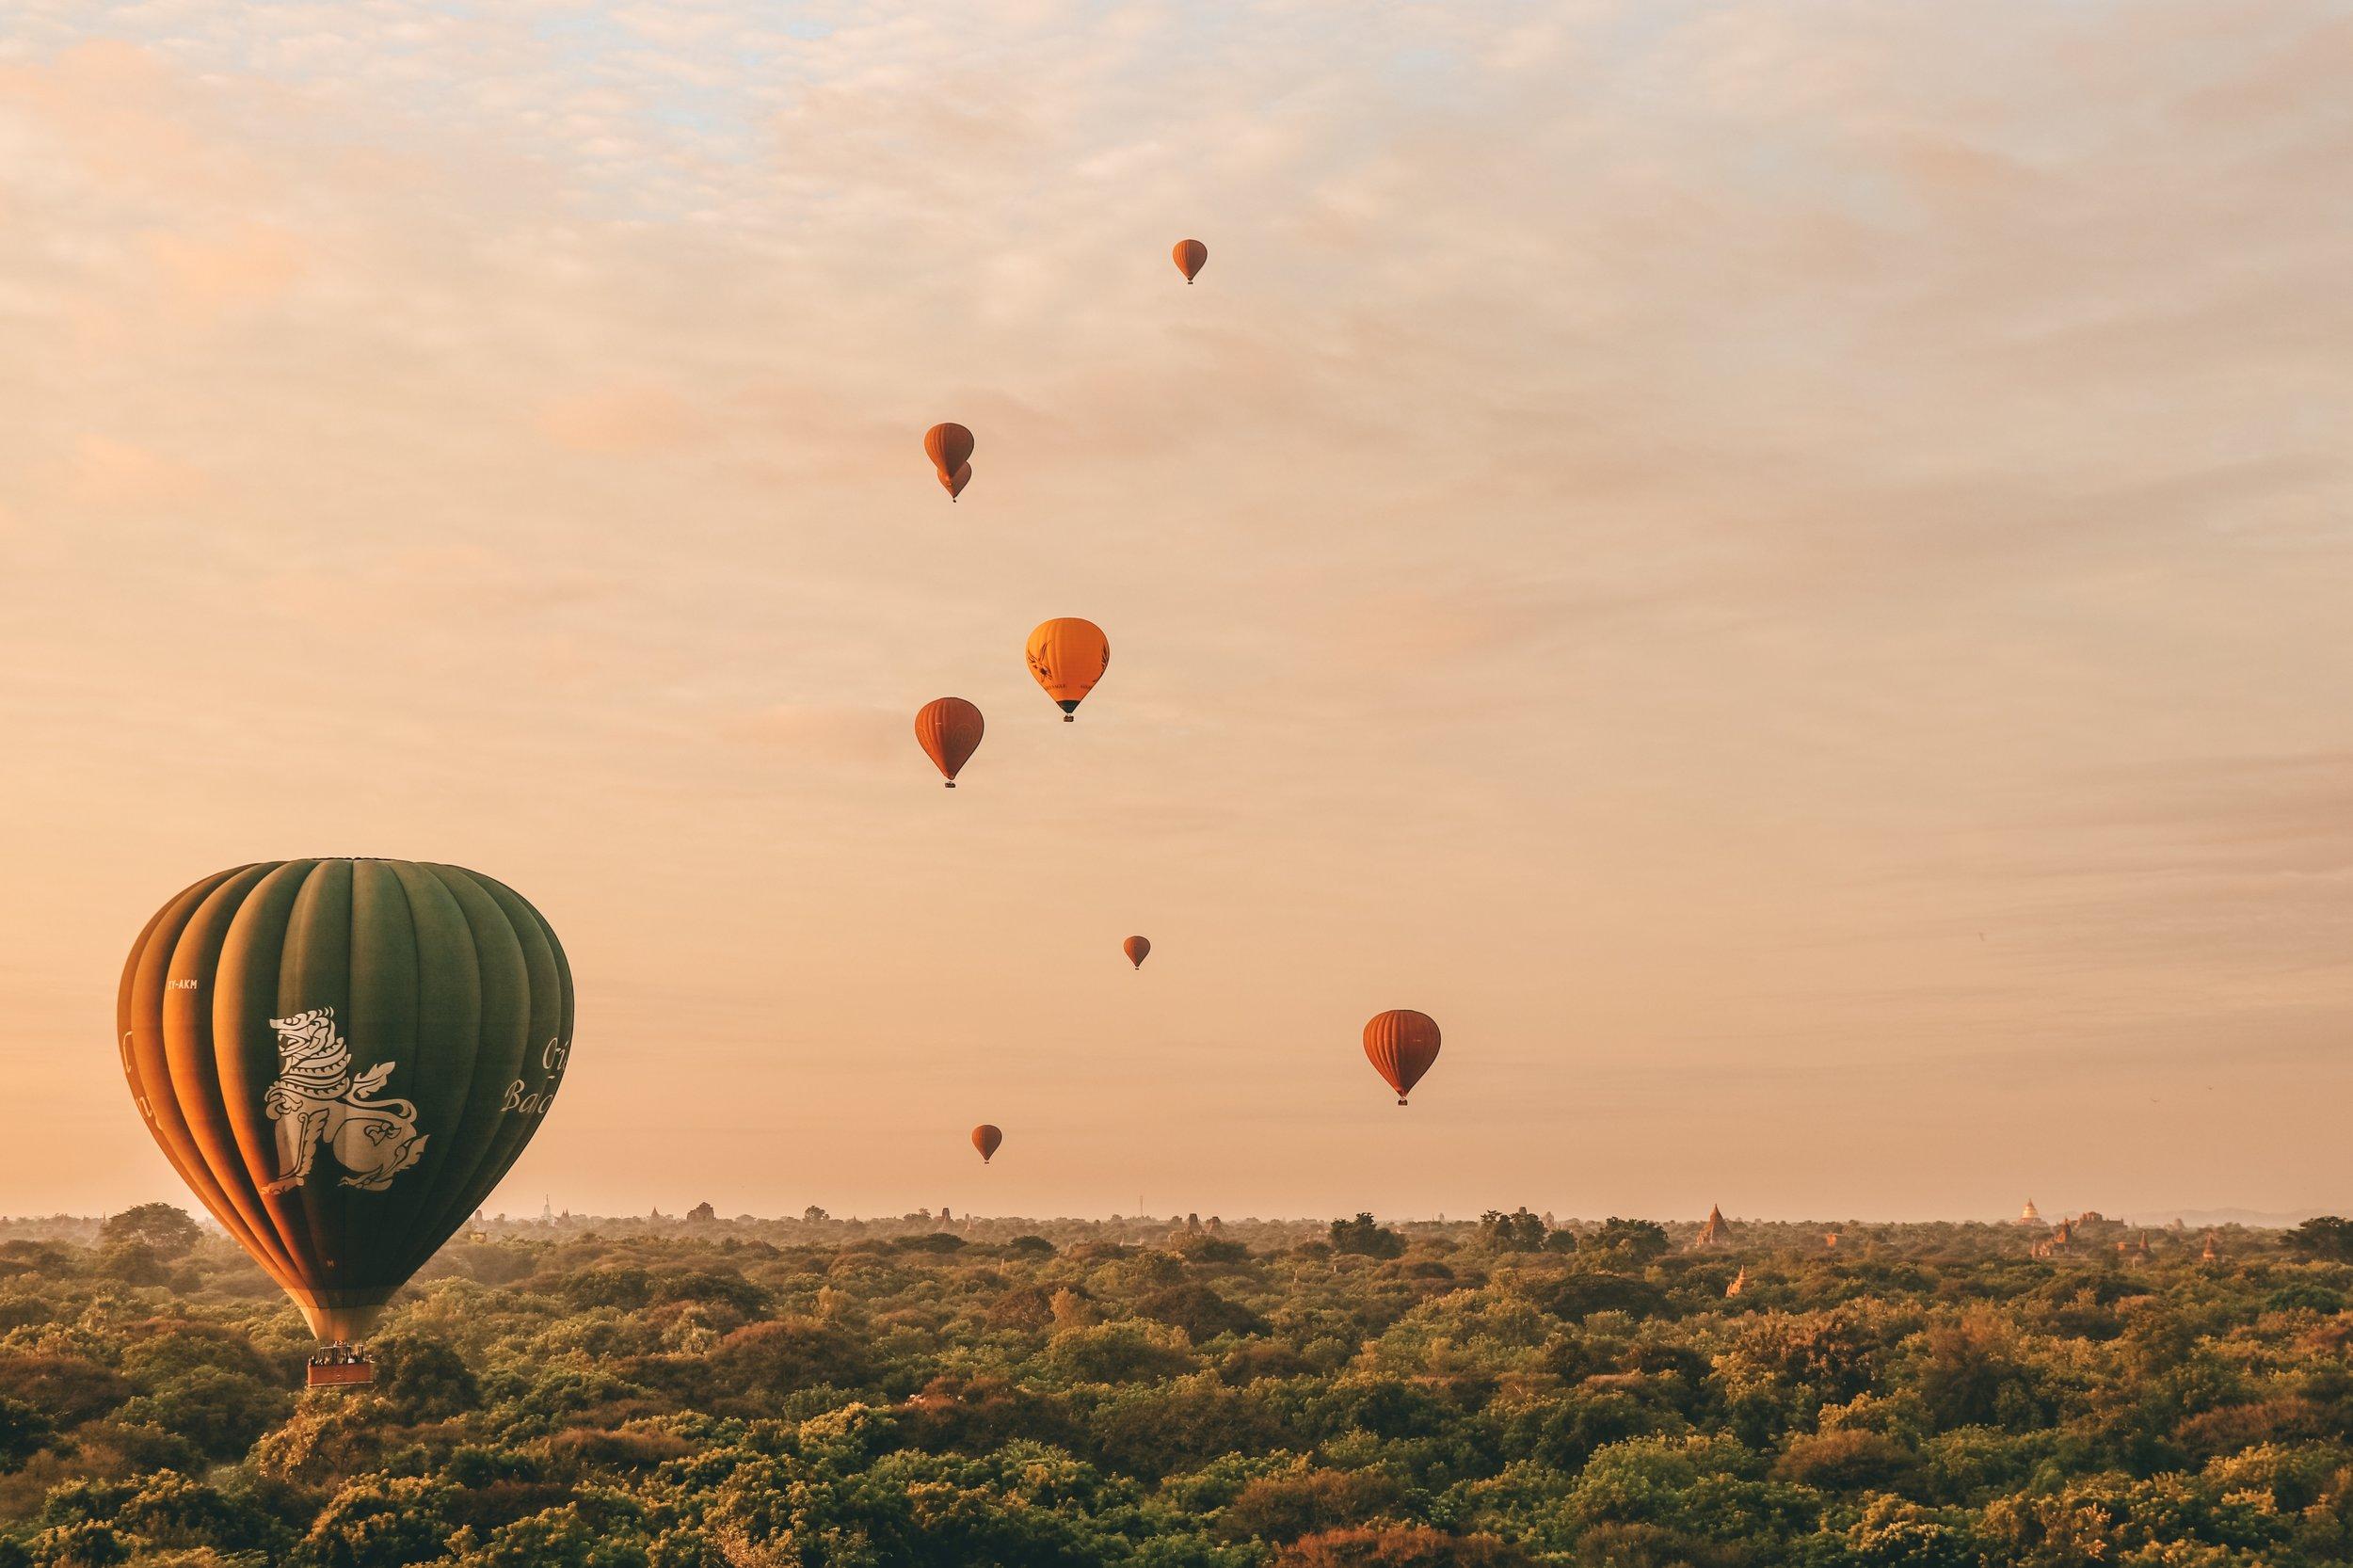 Sunrise - Oriental Ballooning